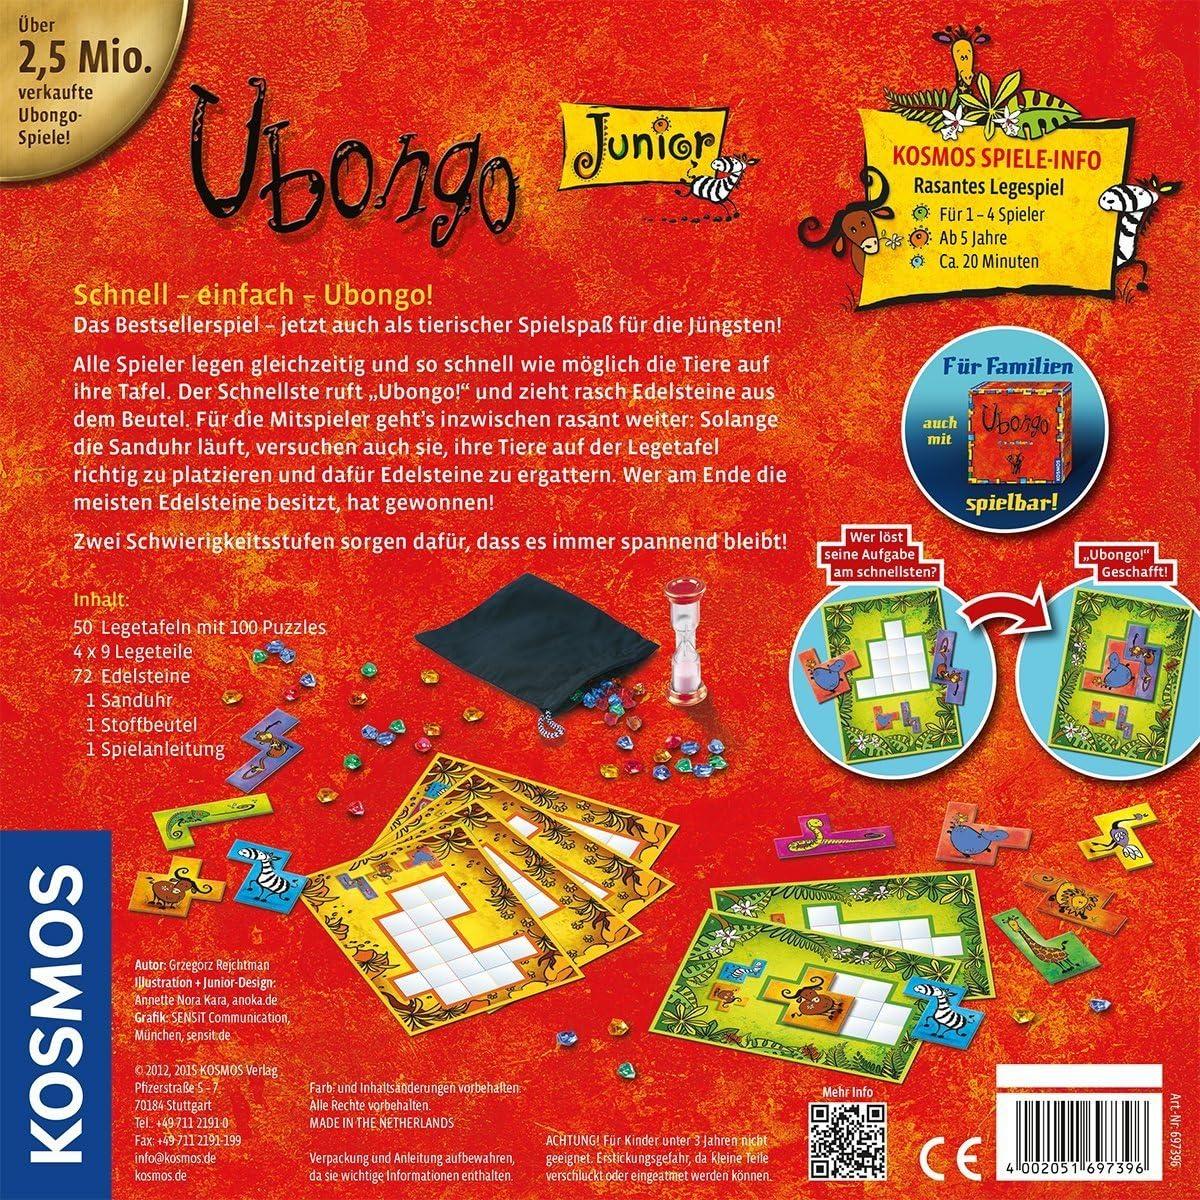 Uvongo junior Ubongo junior [de las mercancias de importacioen paralela]: Amazon.es: Juguetes y juegos